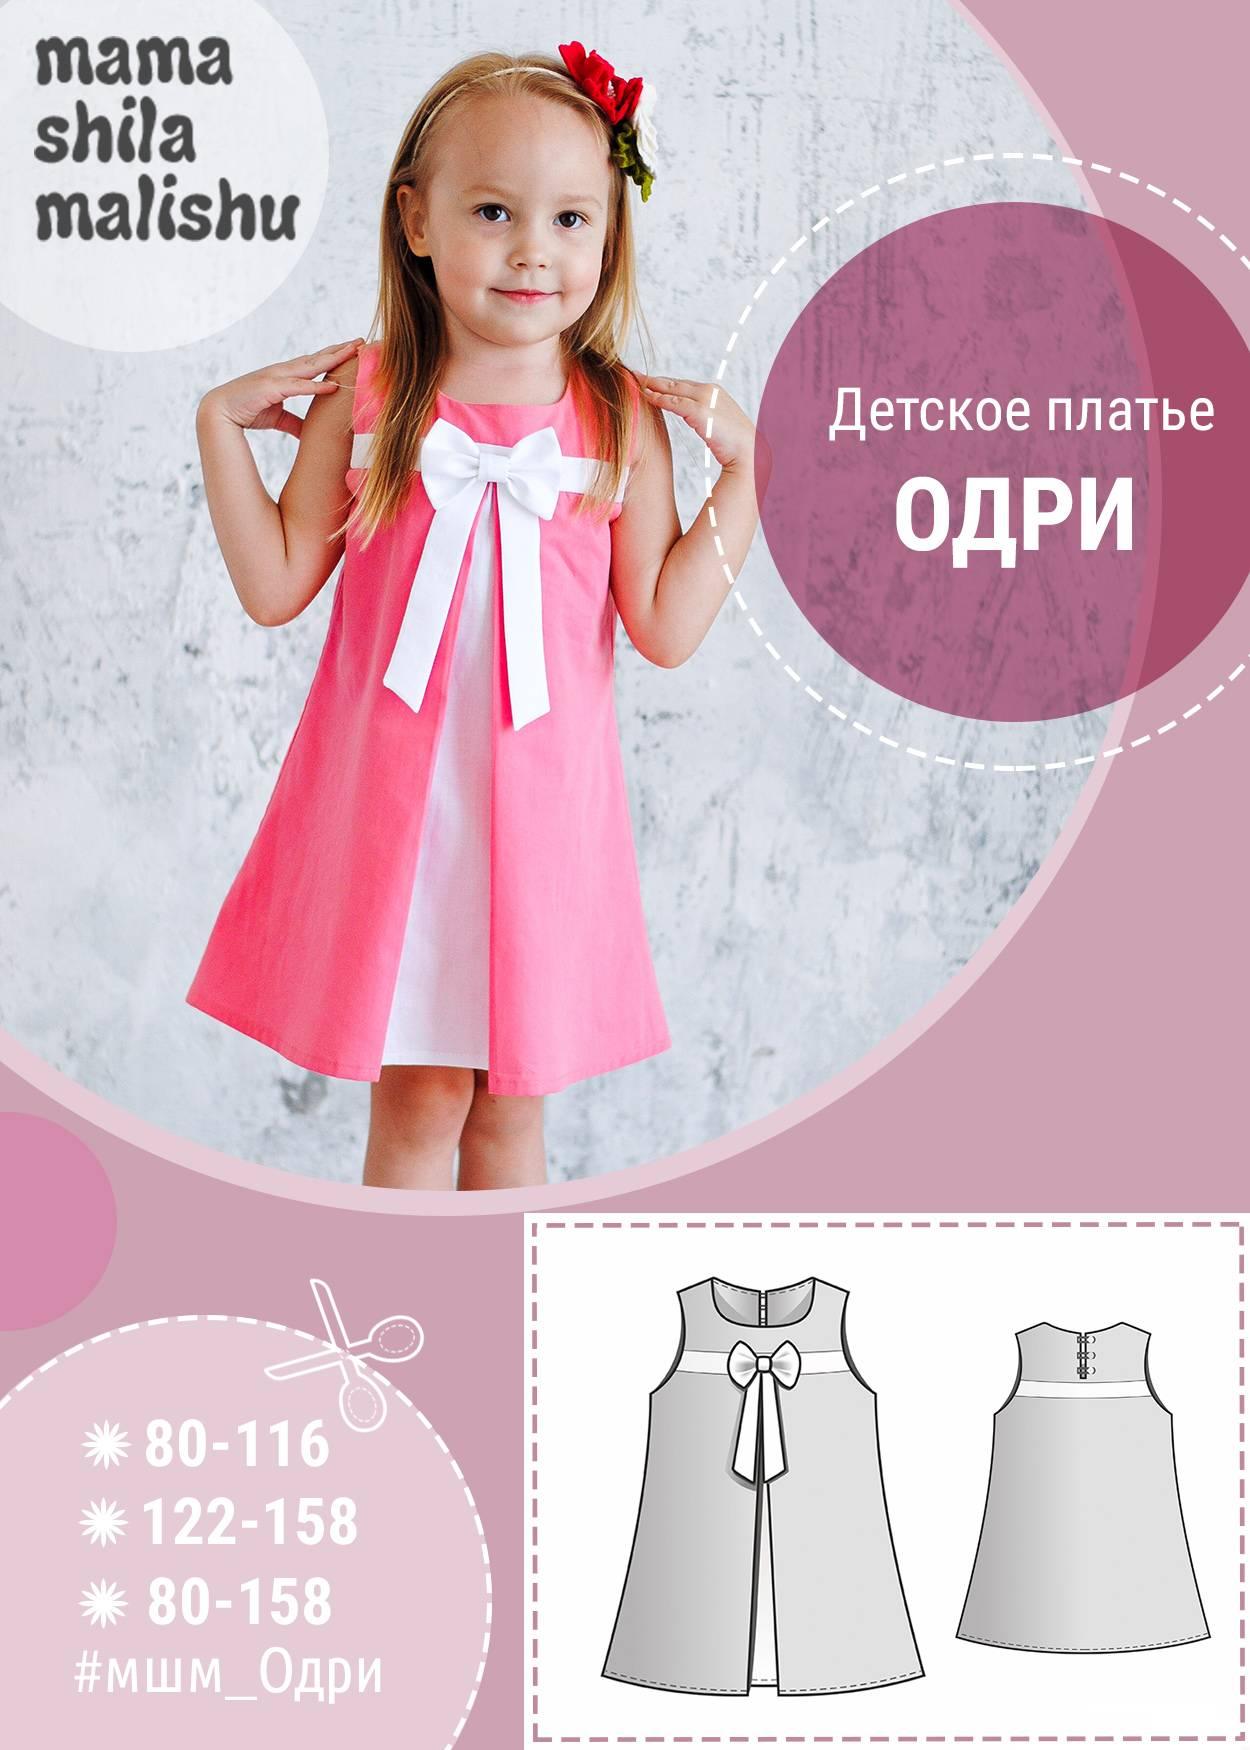 """Детское платье """"Одри"""""""